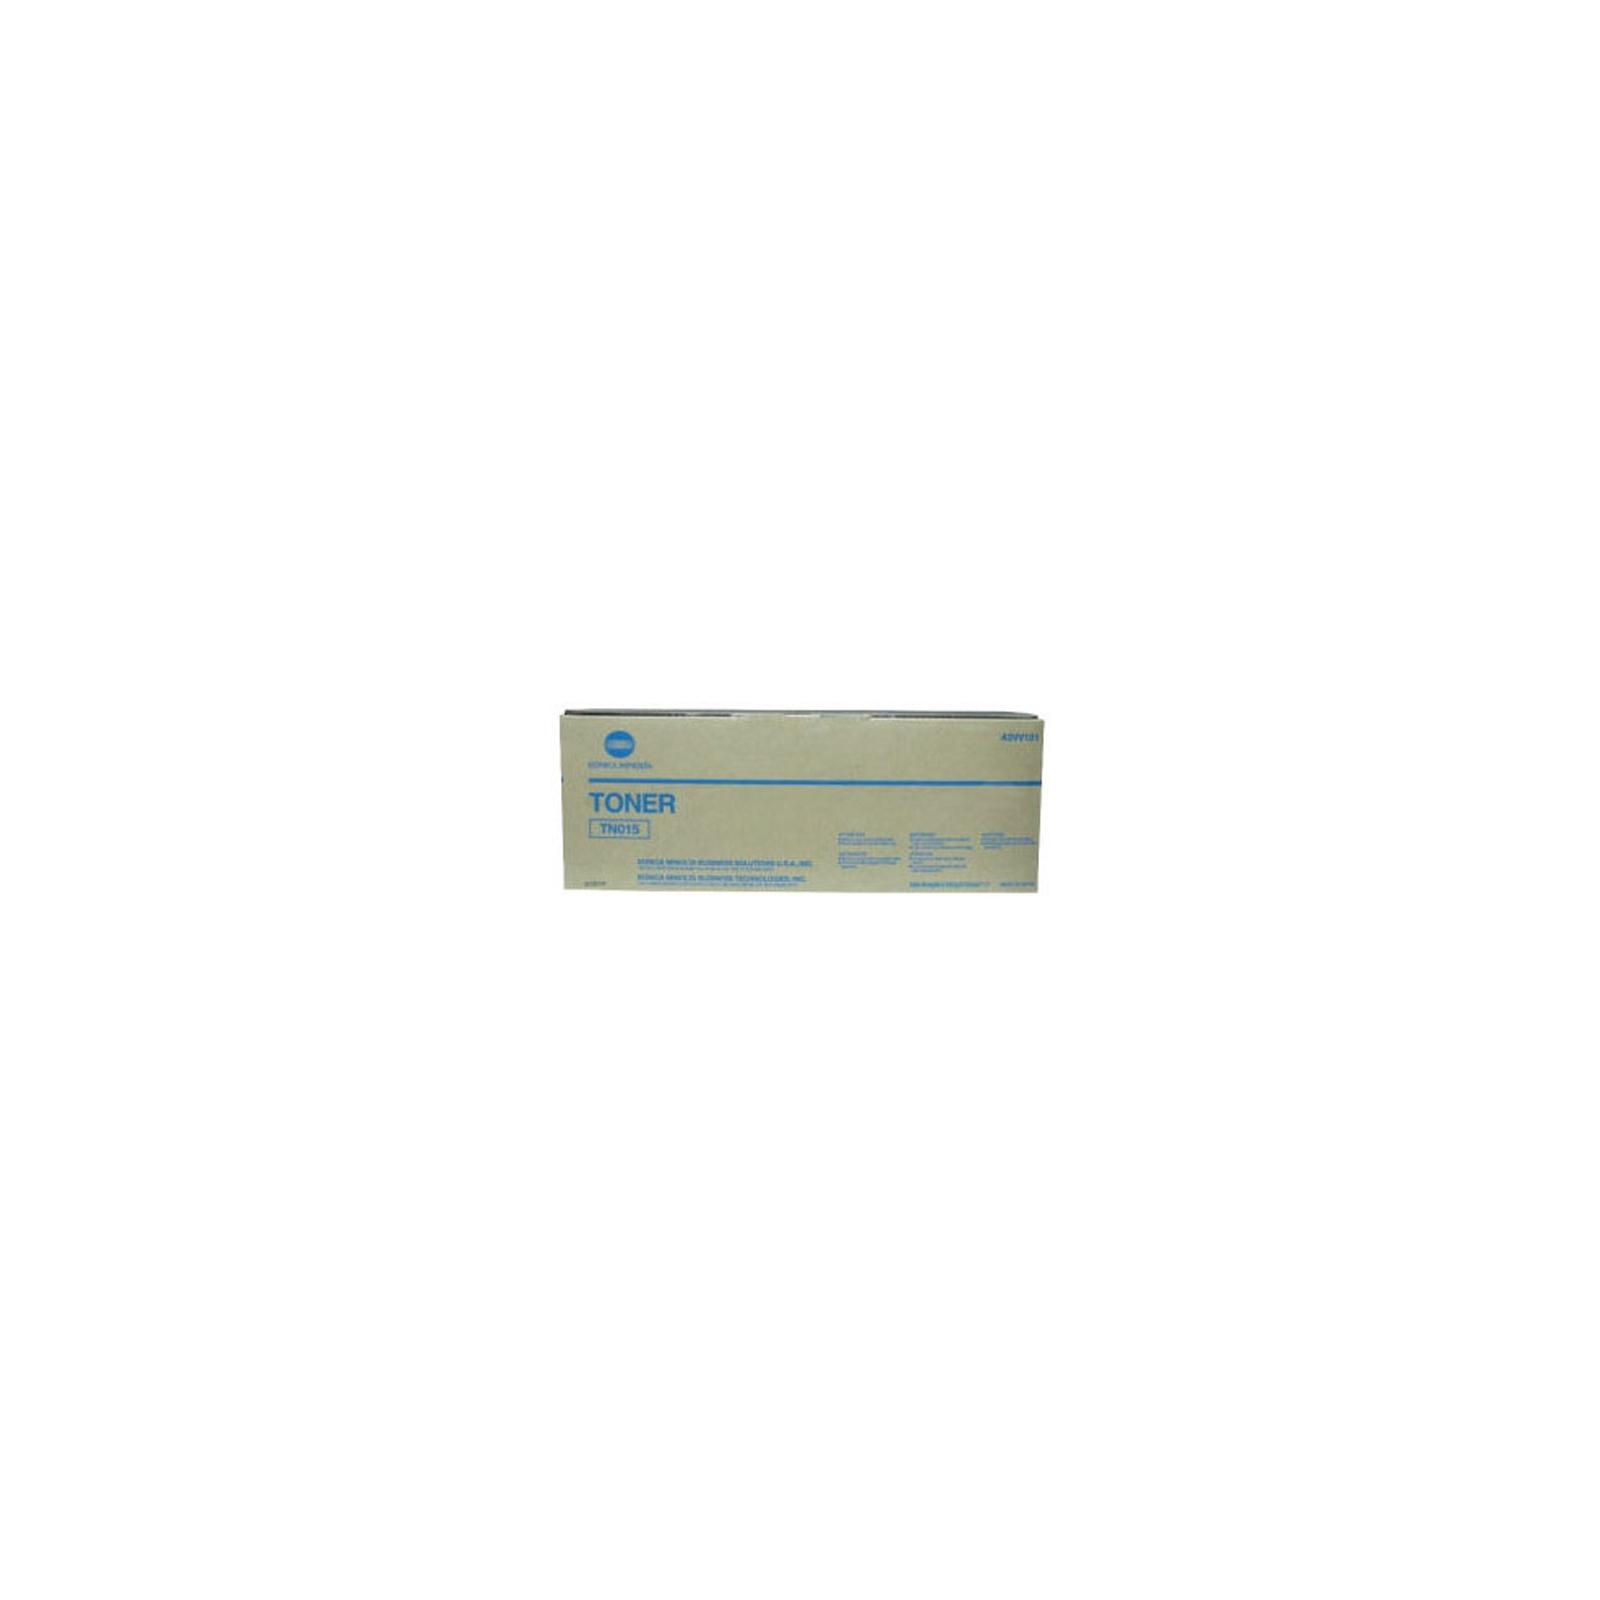 Тонер KONICA MINOLTA TN-015 /bizhub PRO 951 (A3VV151)